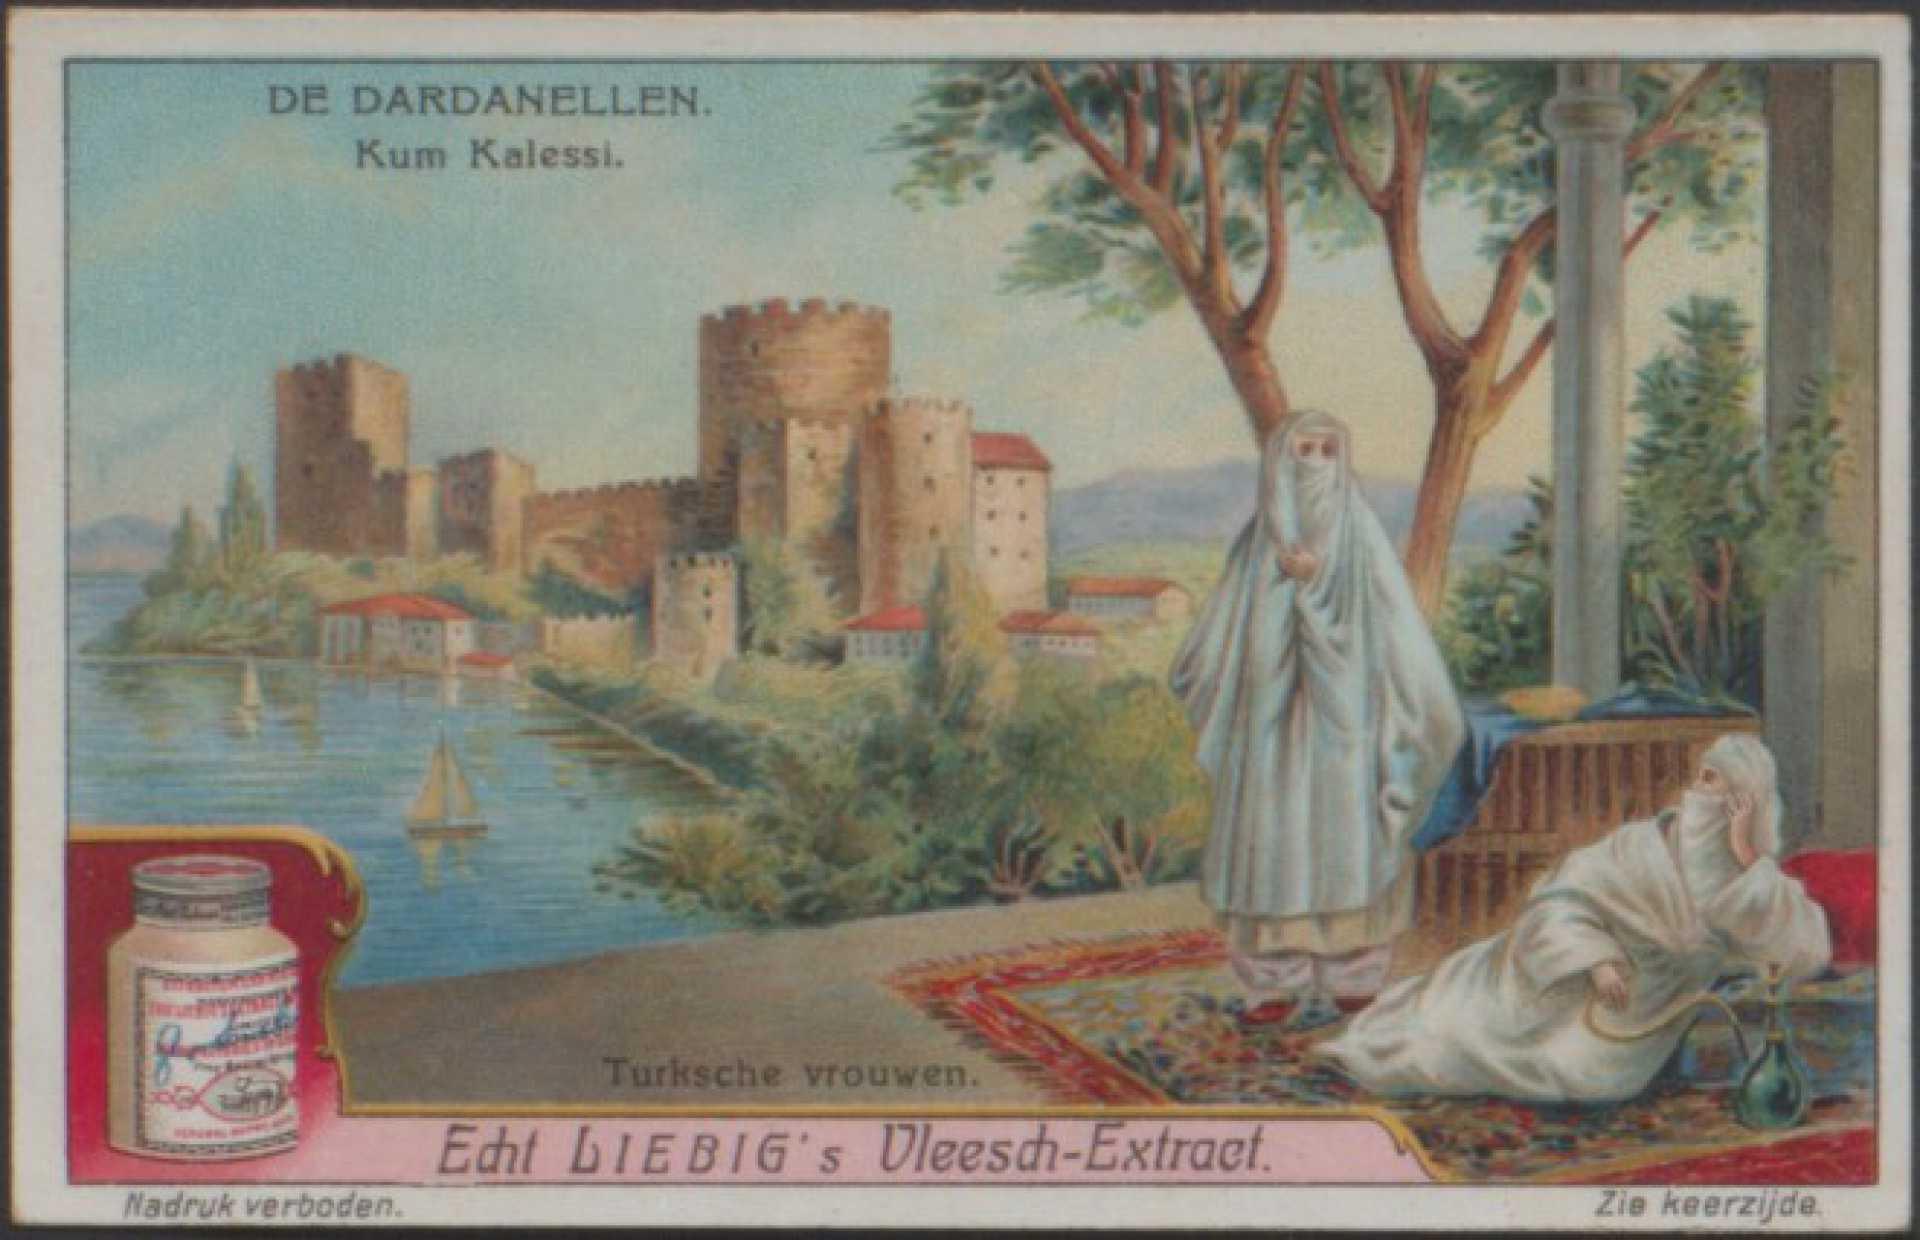 De Dardanellen. Kum kalessi